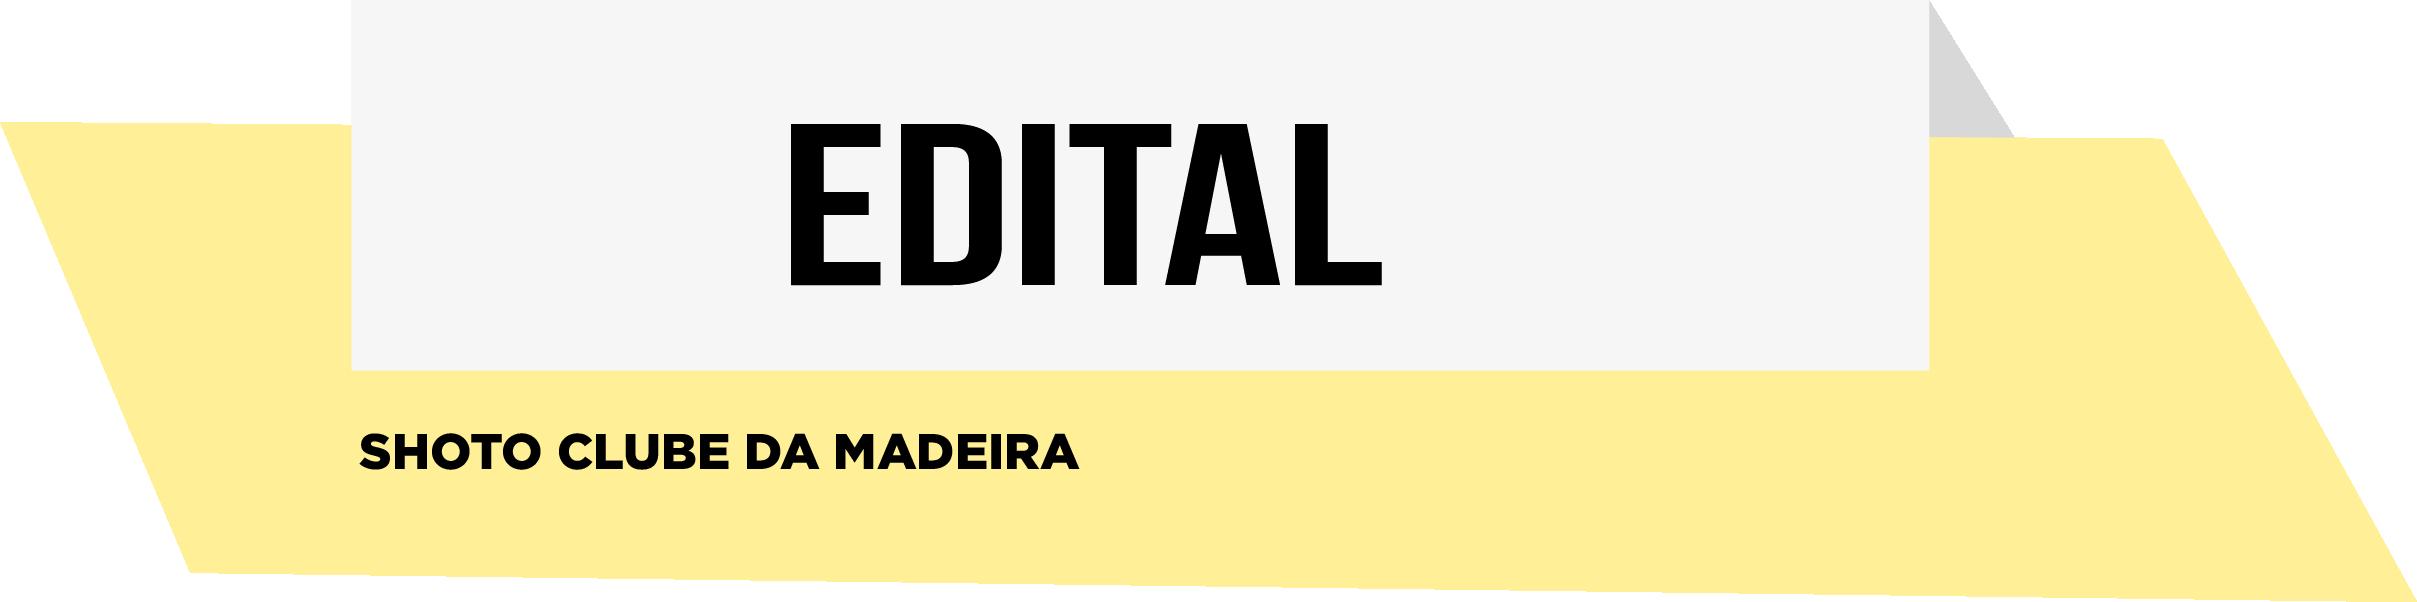 EDITAL- Shoto Clube da Madeira